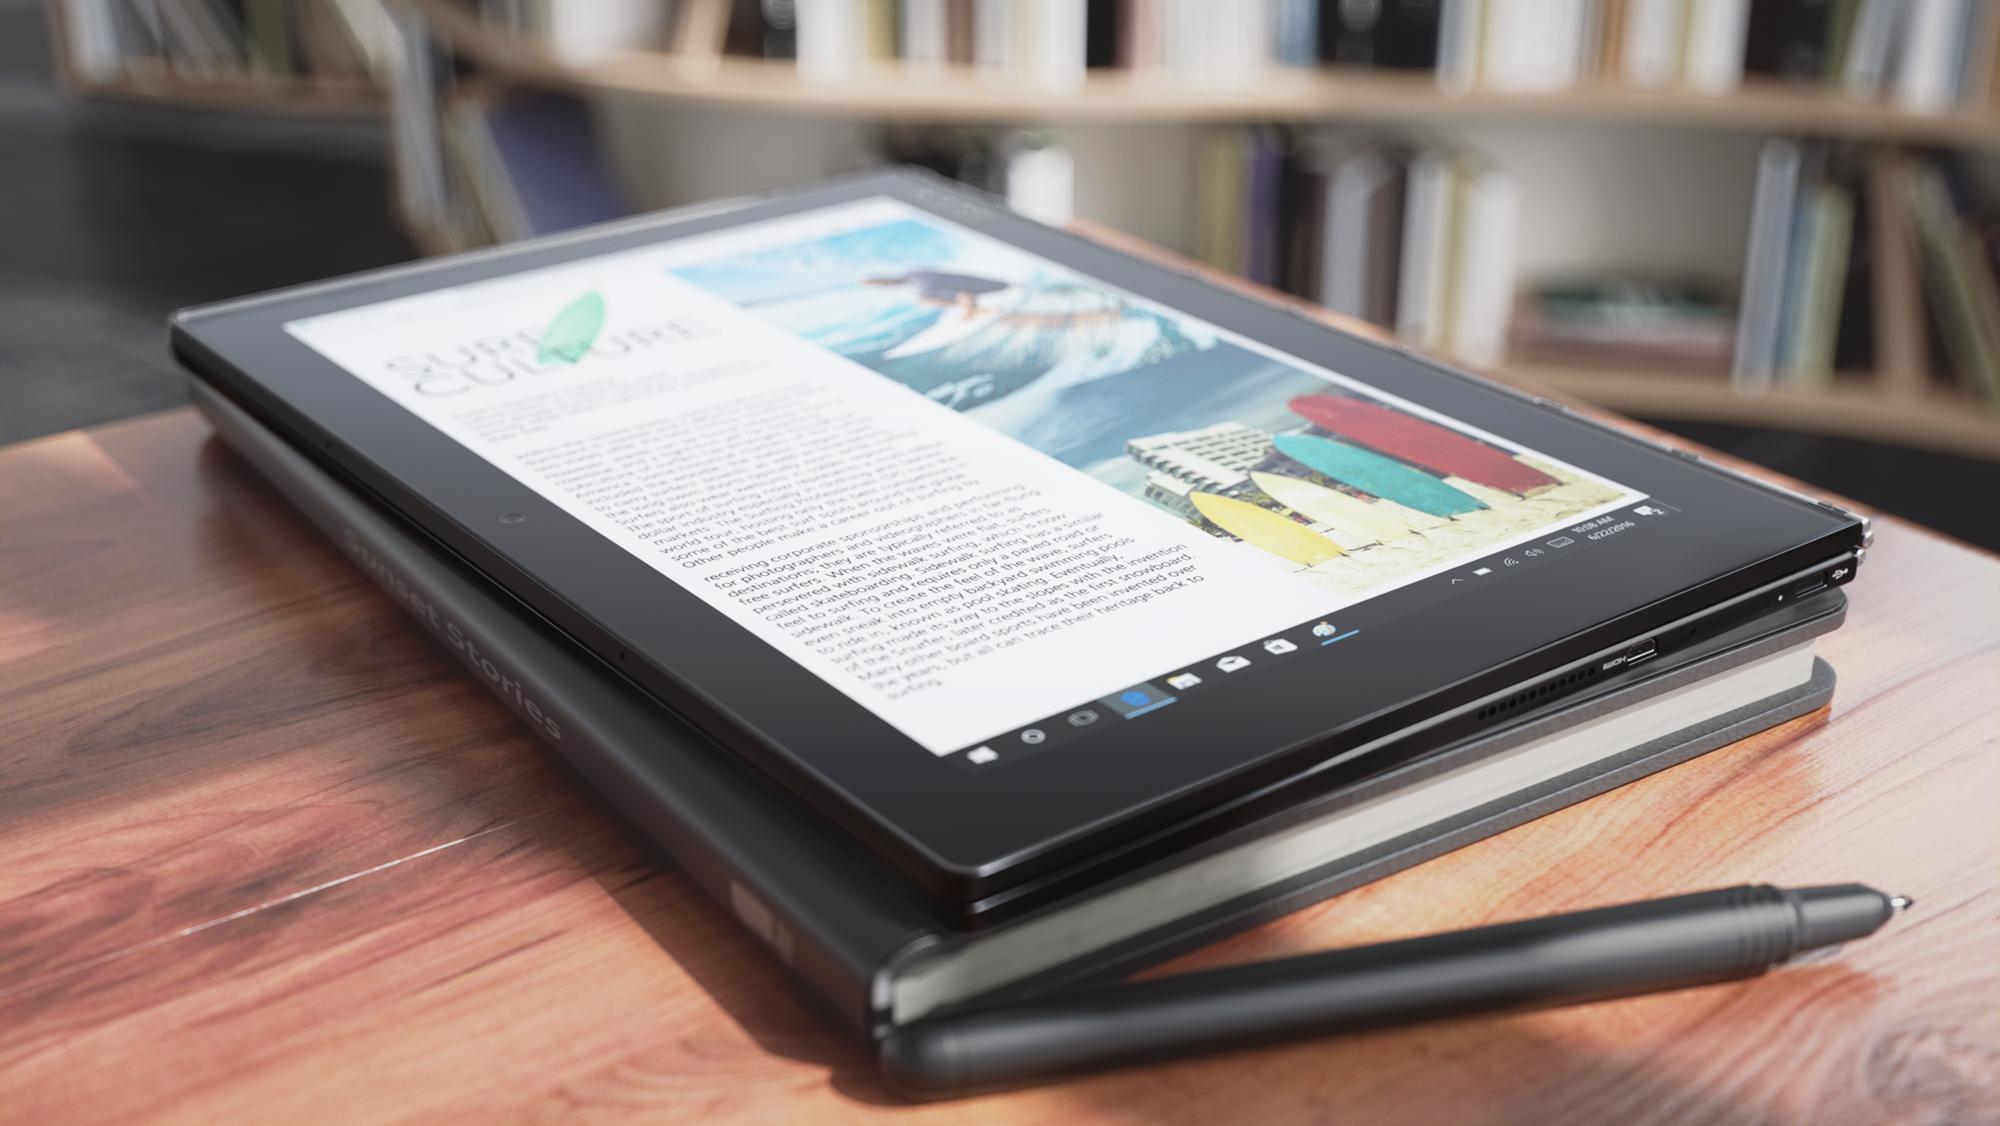 Lenovo annuncia Yoga Book, un tablet 2-in-1 con tastiera Halo e possibilitĂ di prendere appunti utilizzando la stilo con inchiostro vero